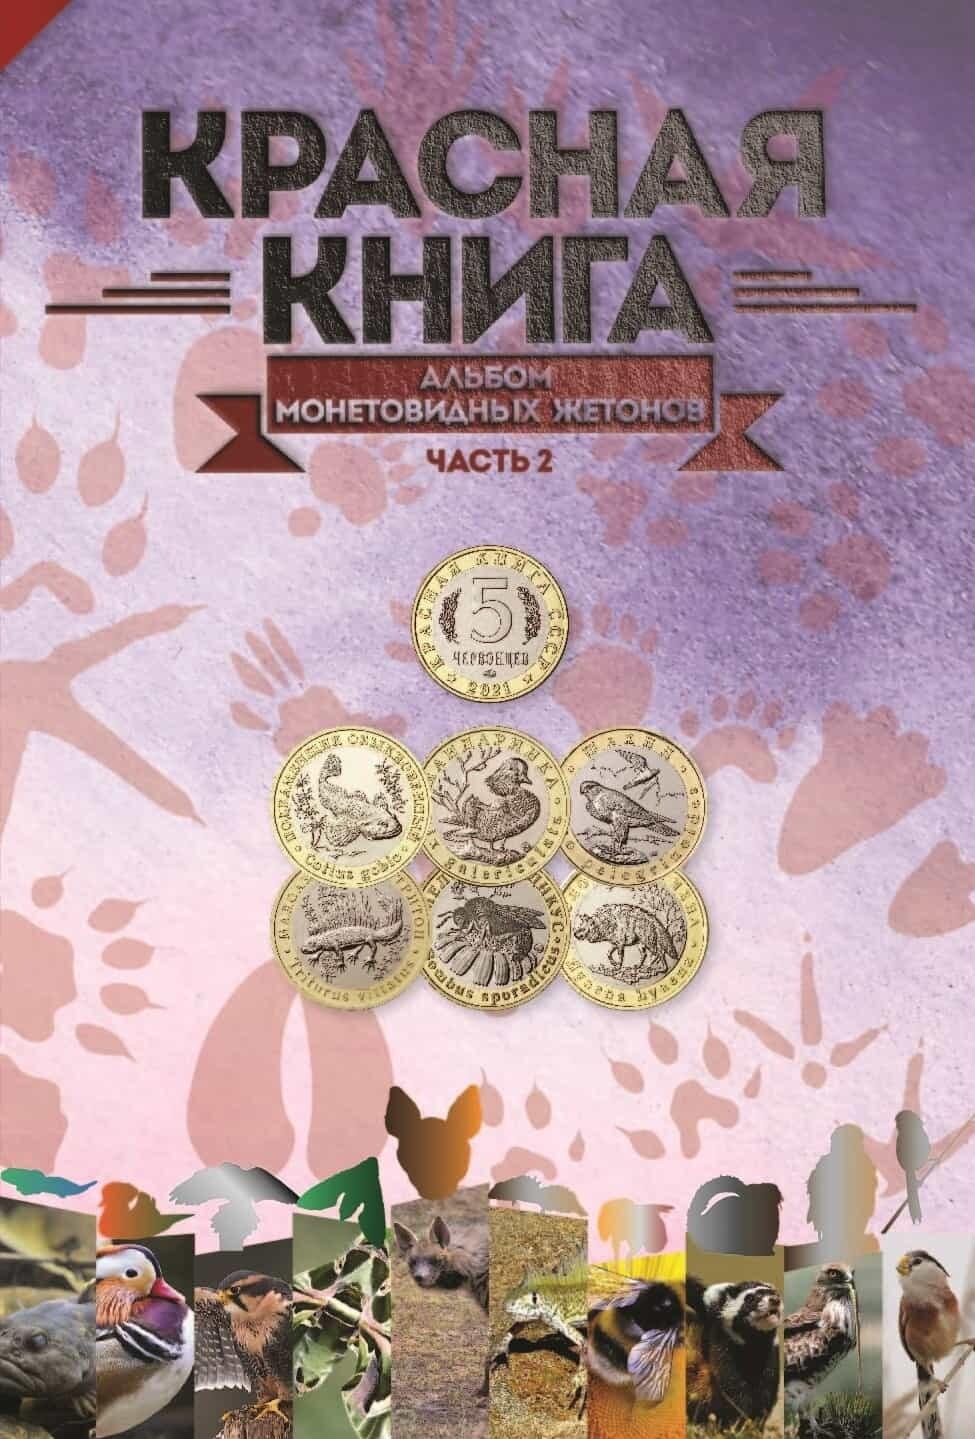 Капсульный альбом для монетовидных жетонов серии Красная книга 2 часть